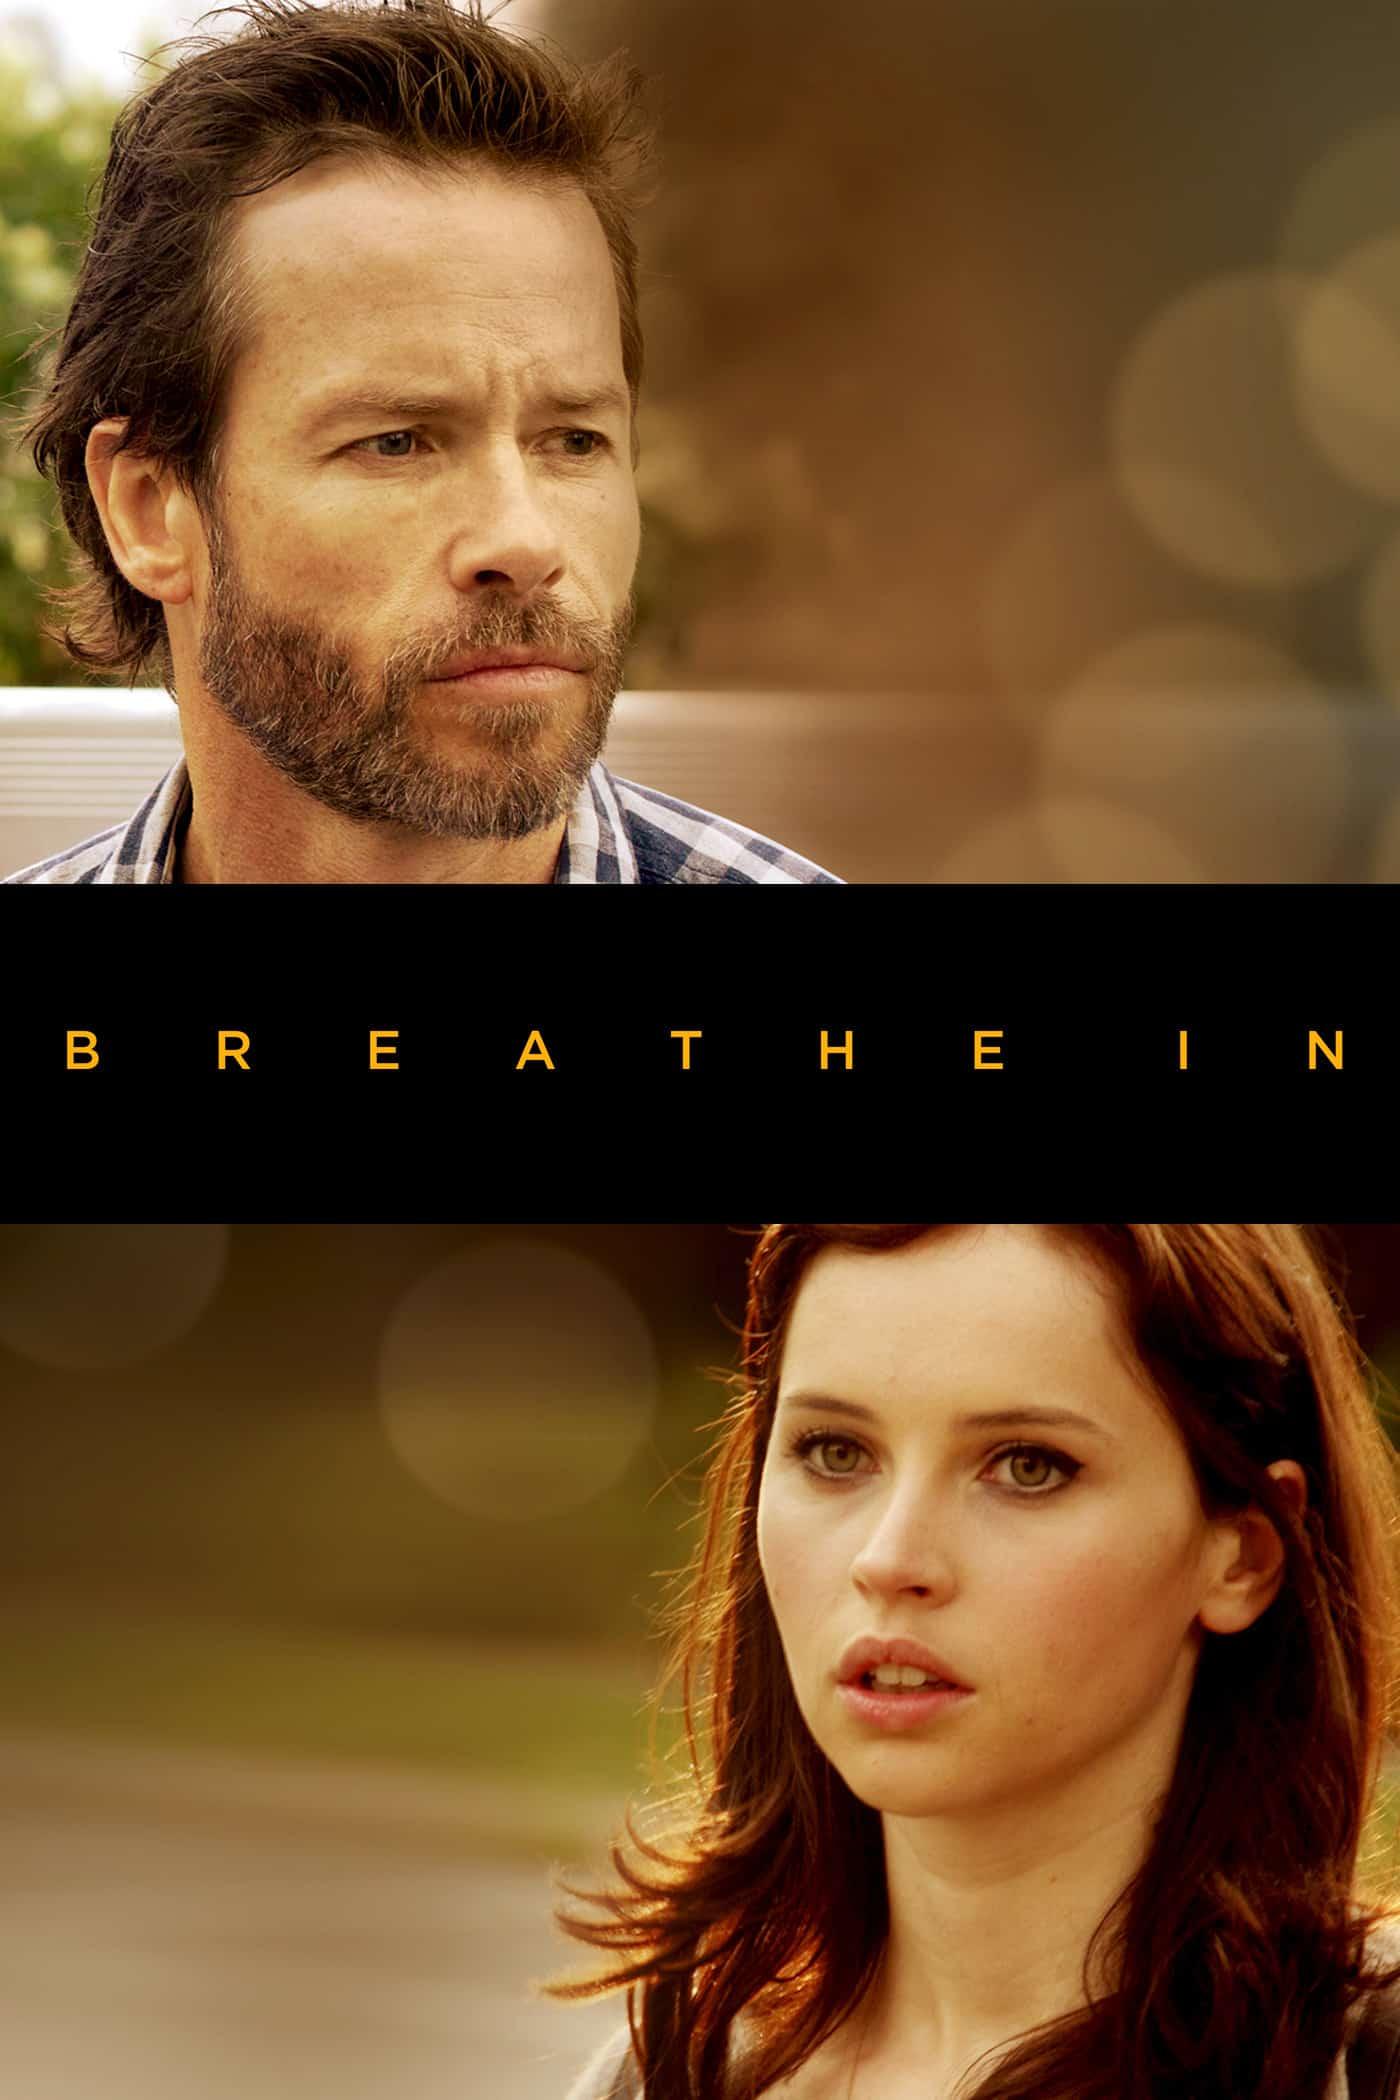 Breathe In, 2013